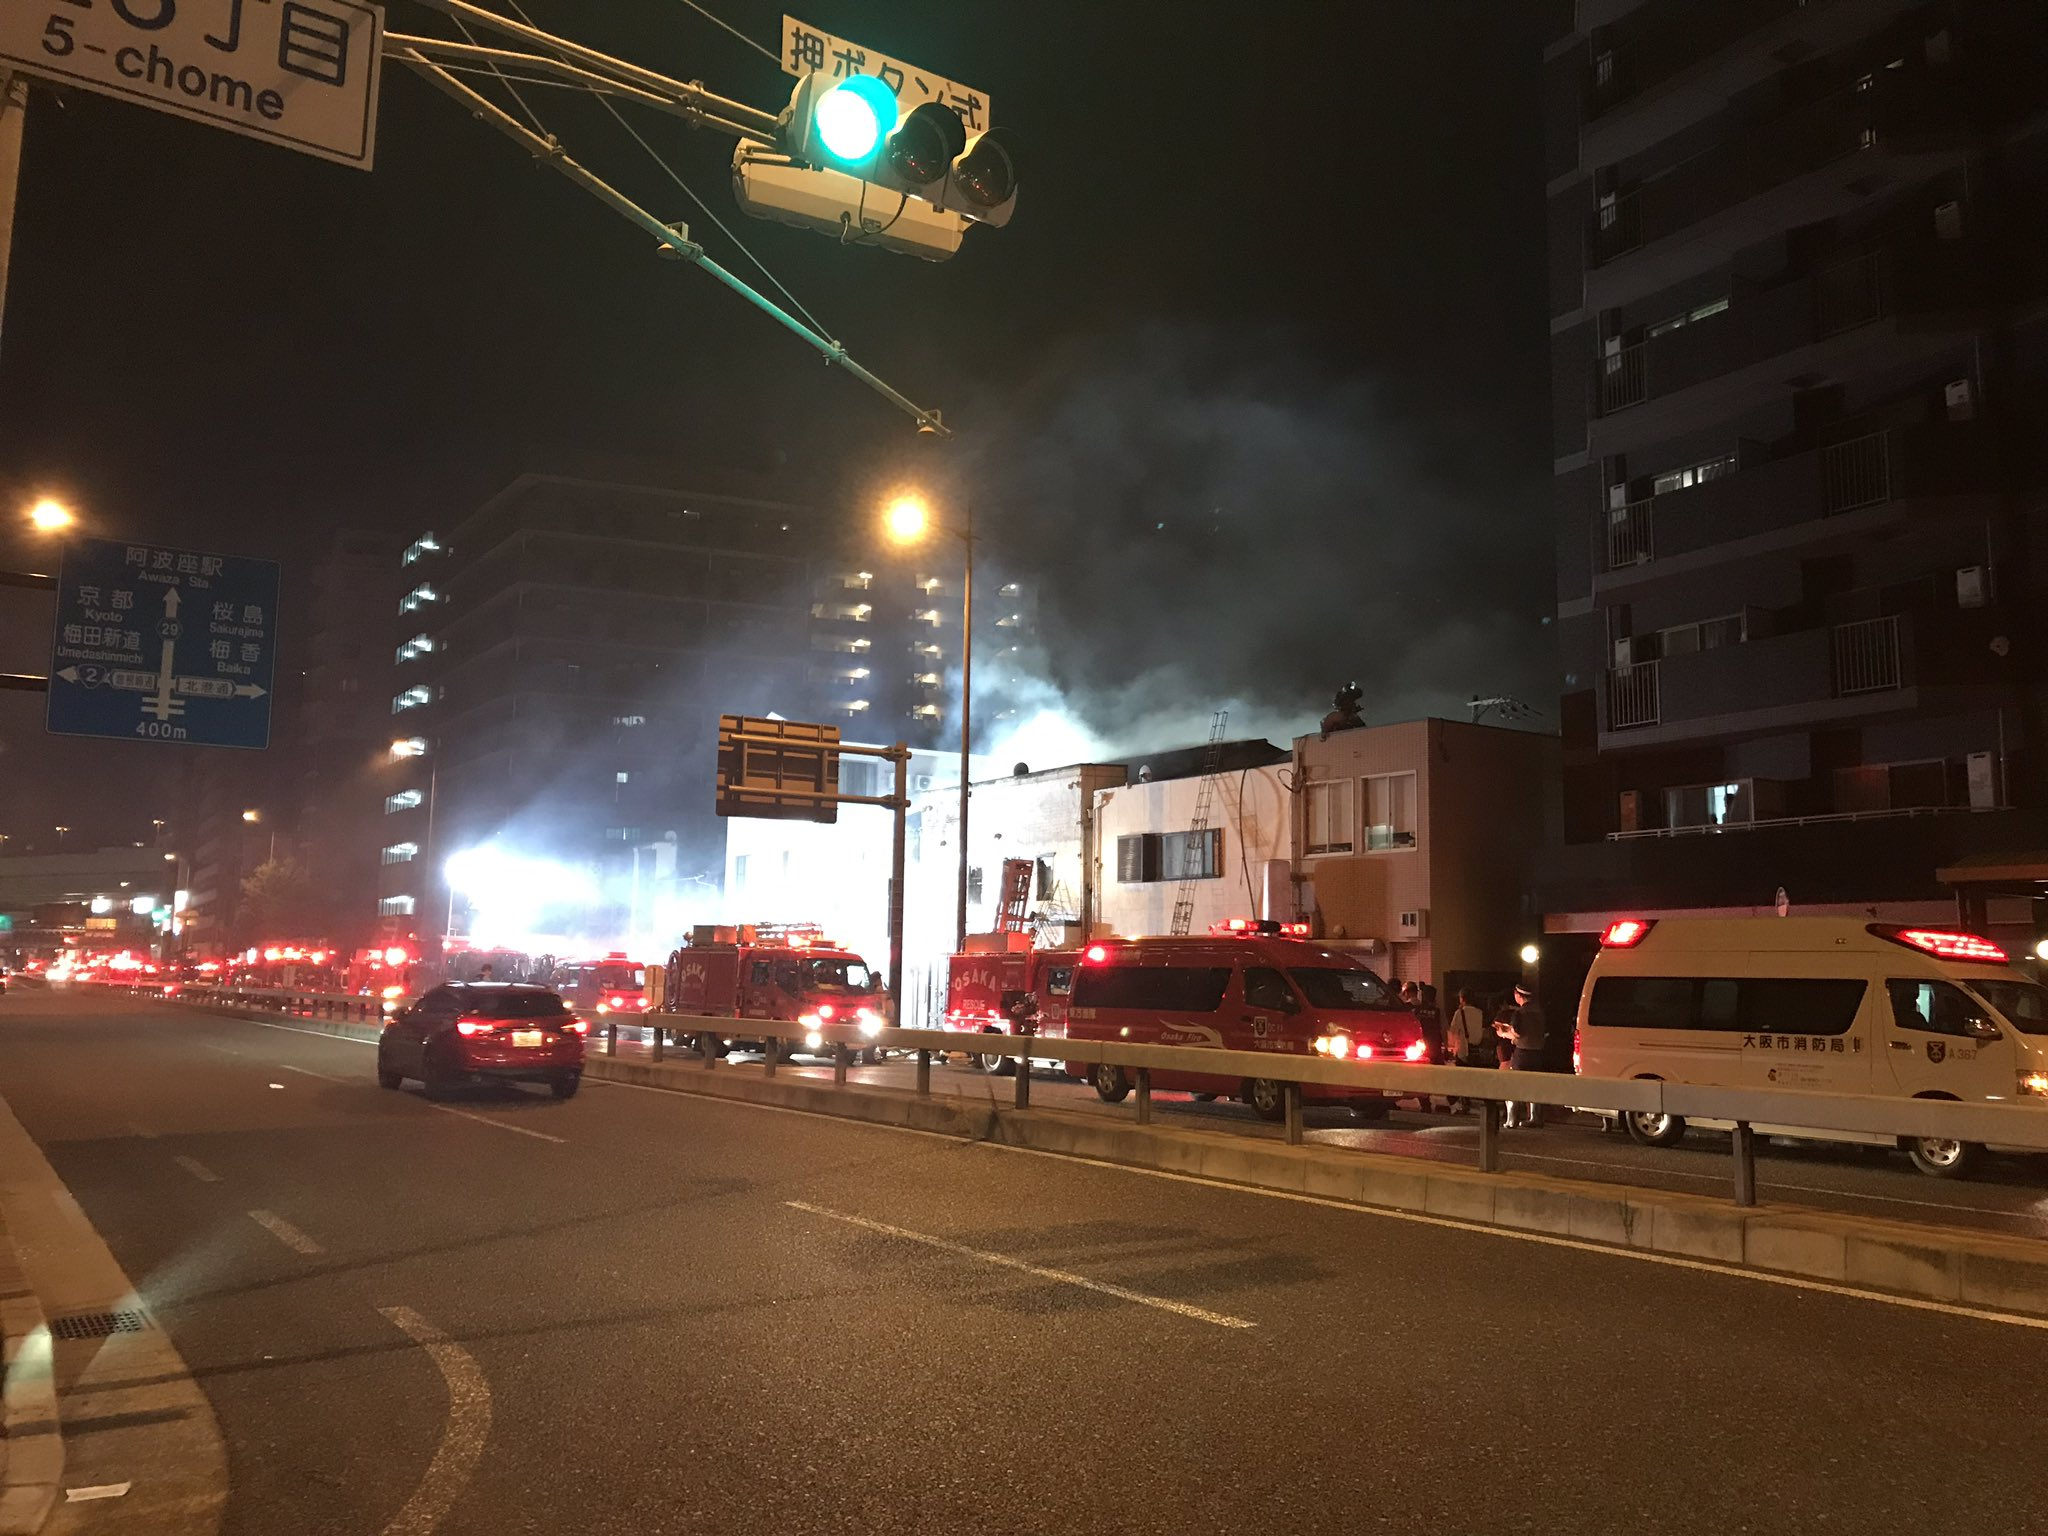 画像,近くで火事。消防士さんがんばえー https://t.co/hVRNy7bjdT。